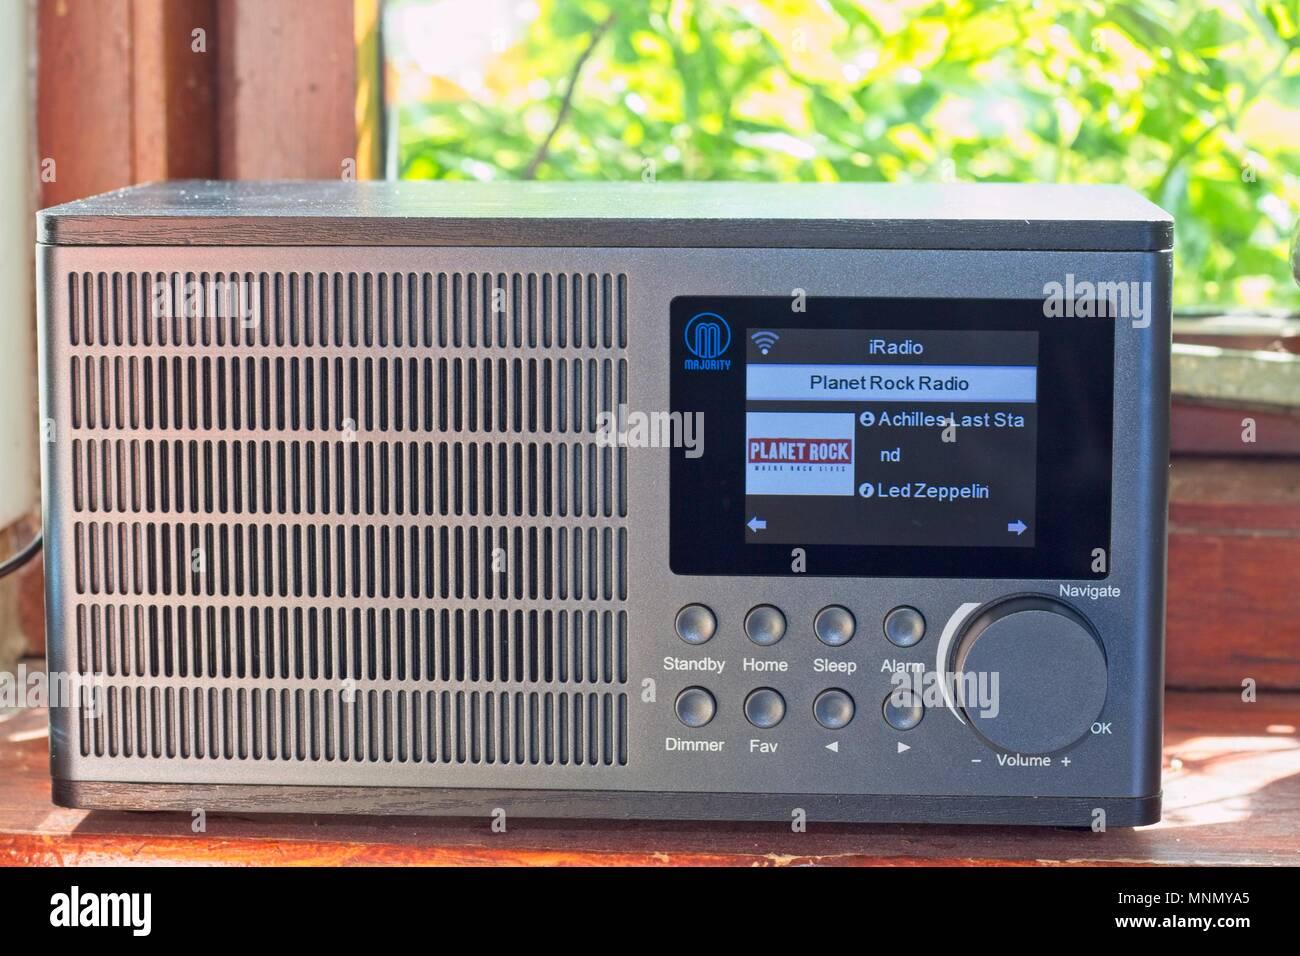 Radio por Internet en un alféizar de la ventana, sintonizada en planeta Rock, trabajando fuera de casa WiFi Imagen De Stock